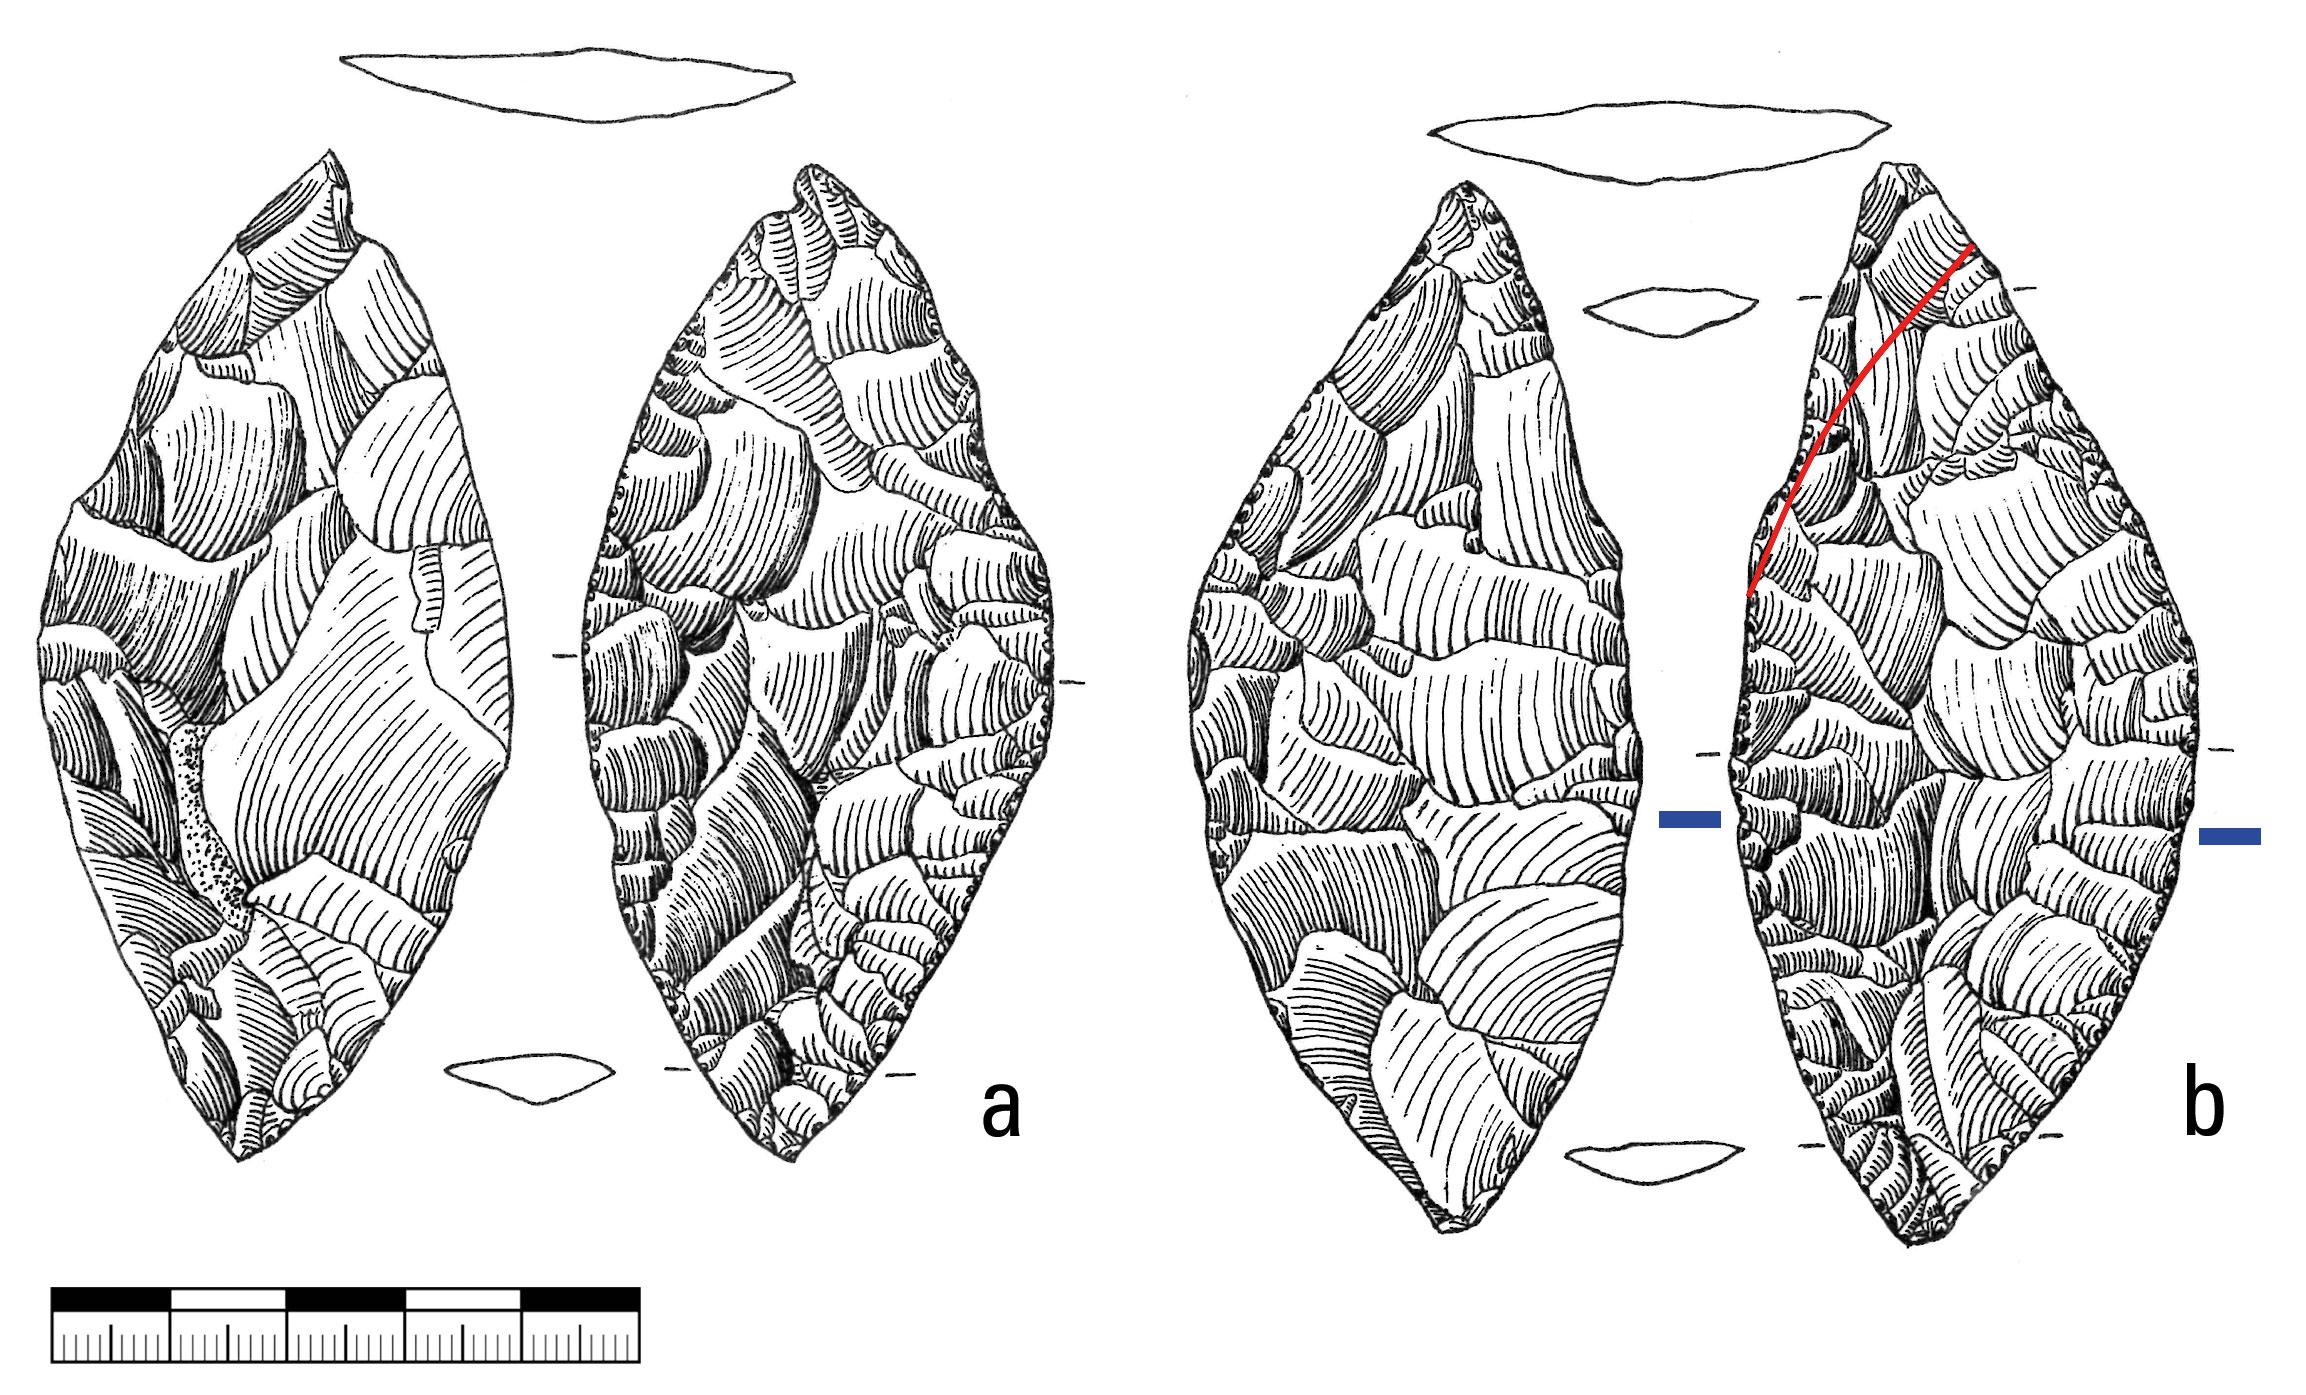 Haldensteinhöhle, Zeichnung von Blattspitzen